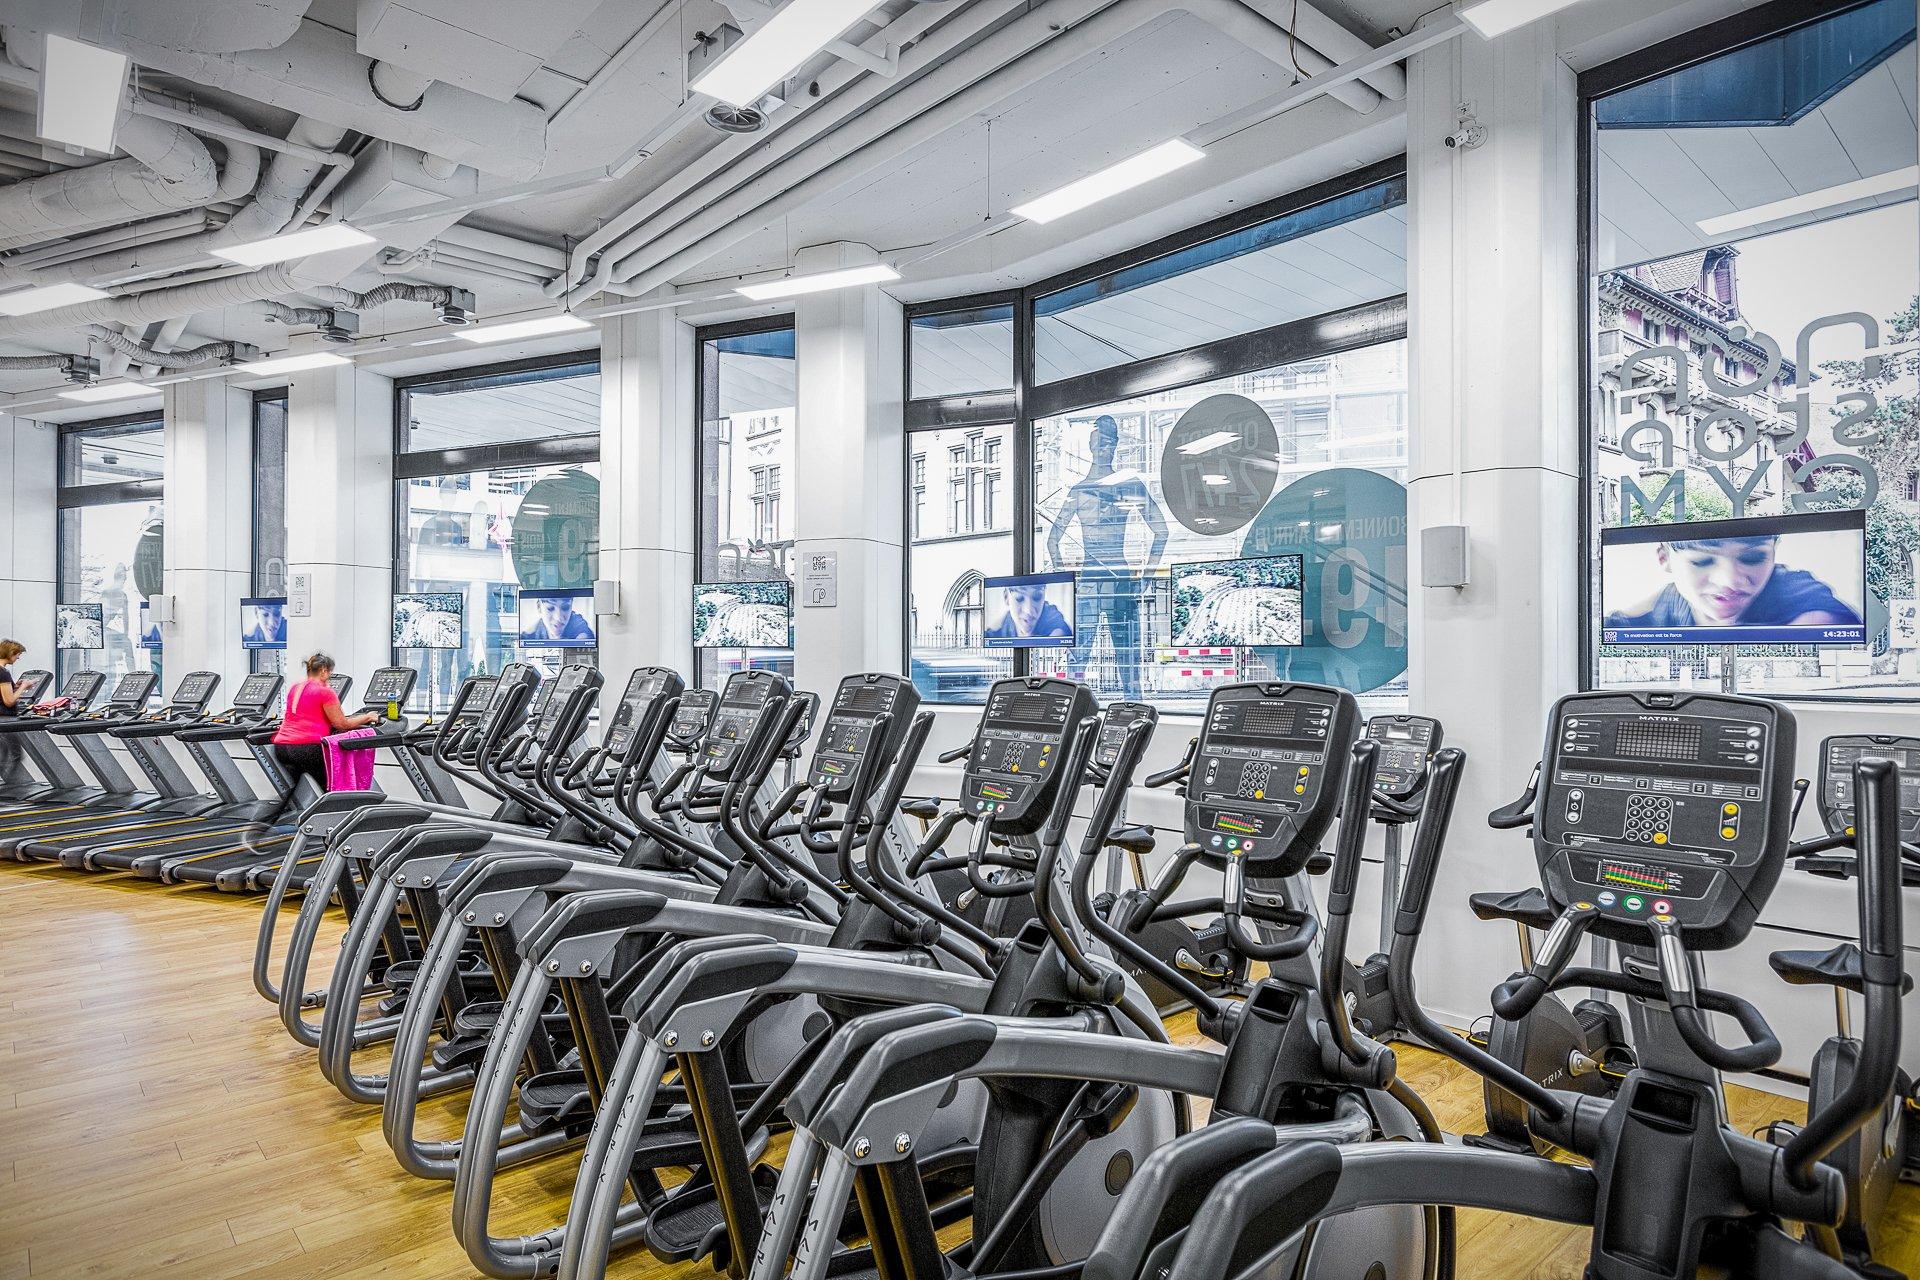 Non Stop Gym - Ecrans professionnels, Digital Signage pour fitness. Pixium - Avec Playlistes musicale et templates.